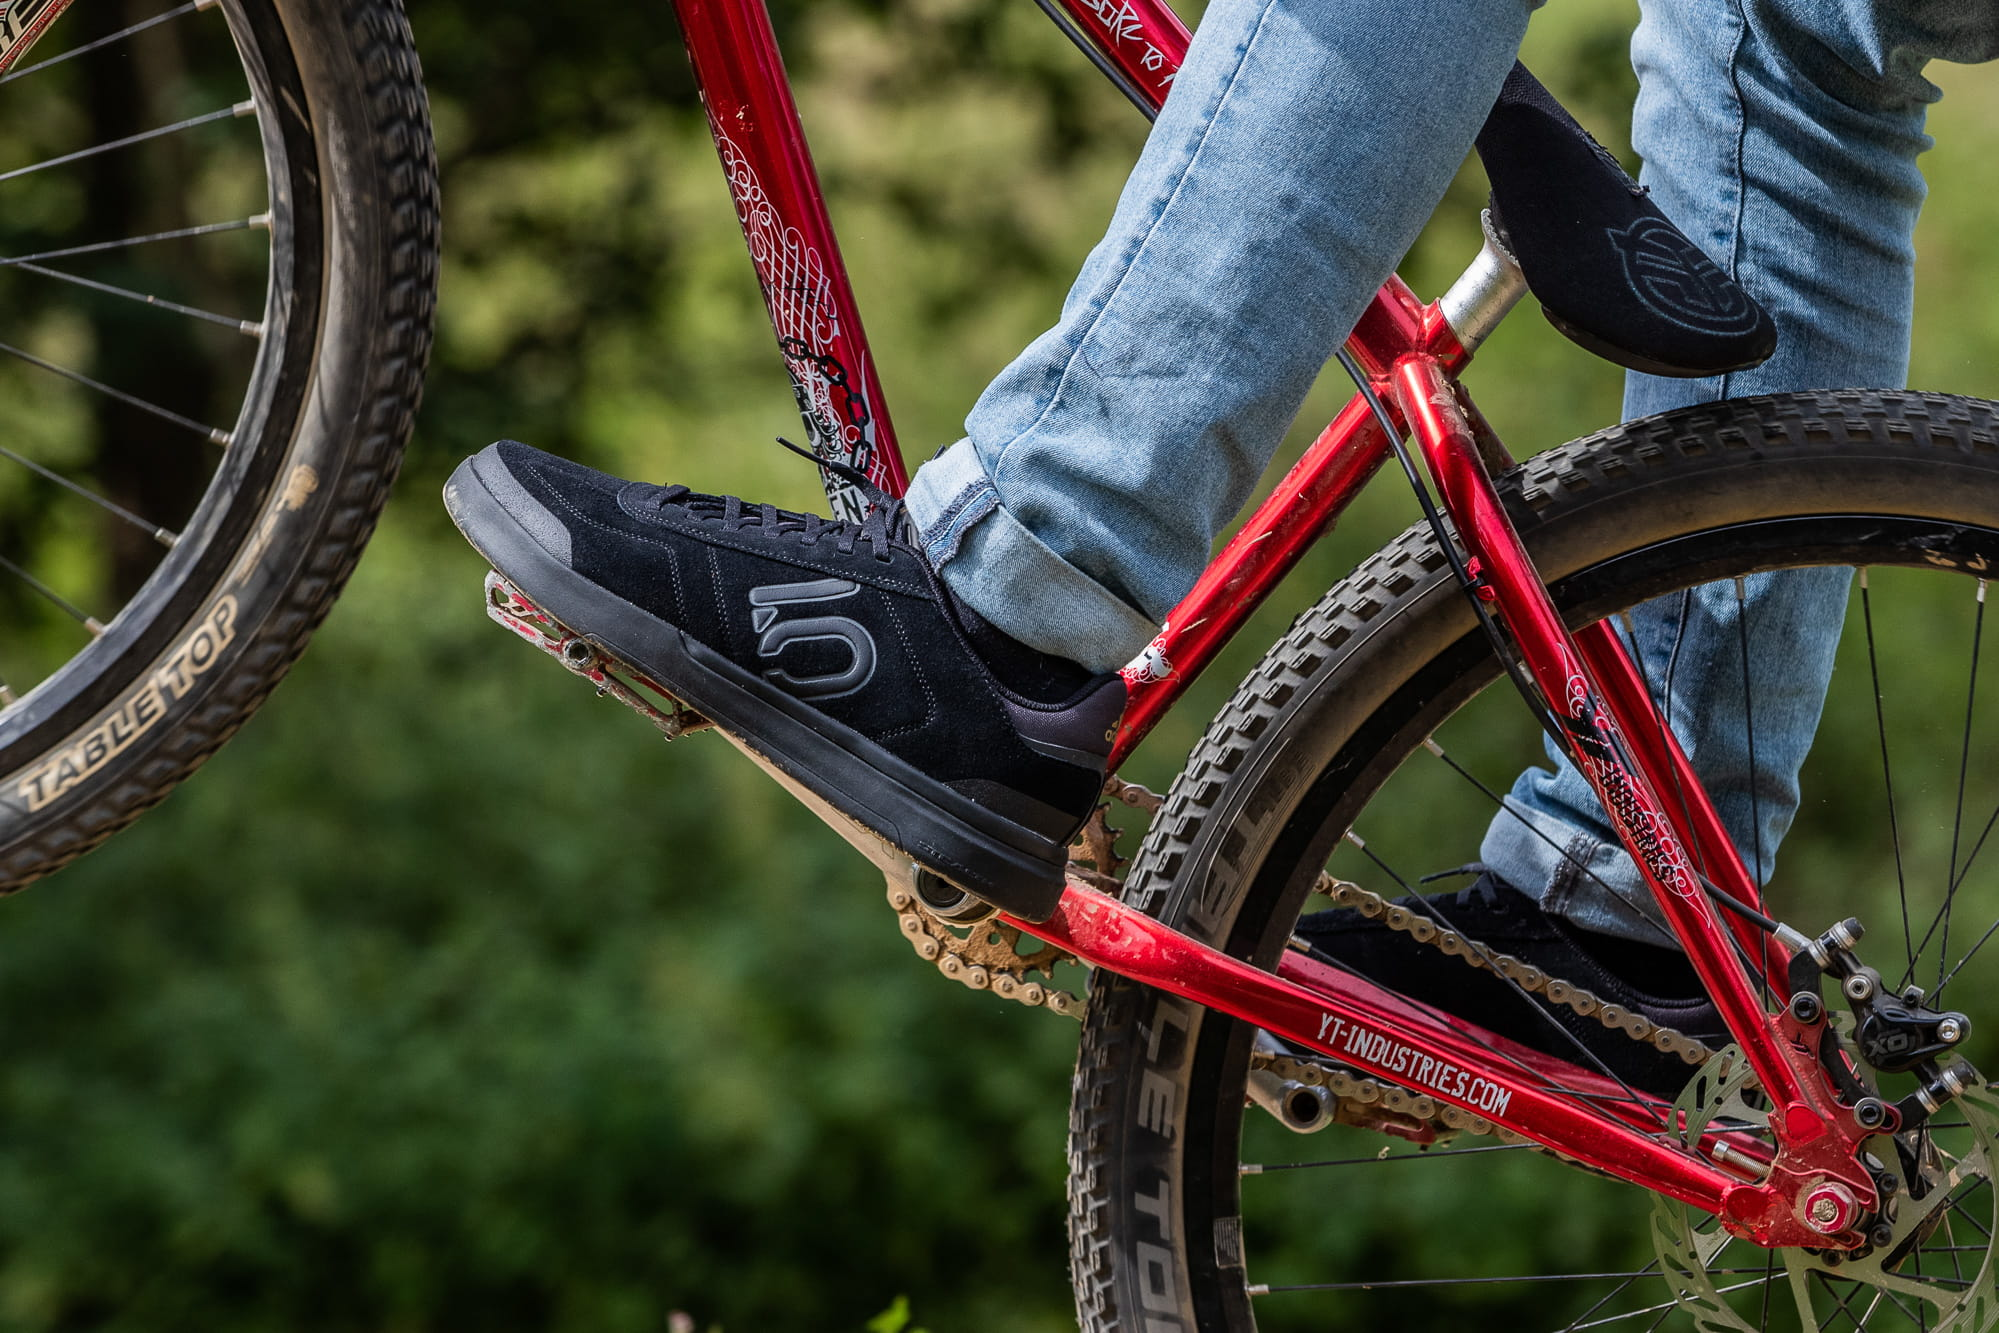 5-10-Sleuth-DLX-Schuh-Bike-Mailorder-8